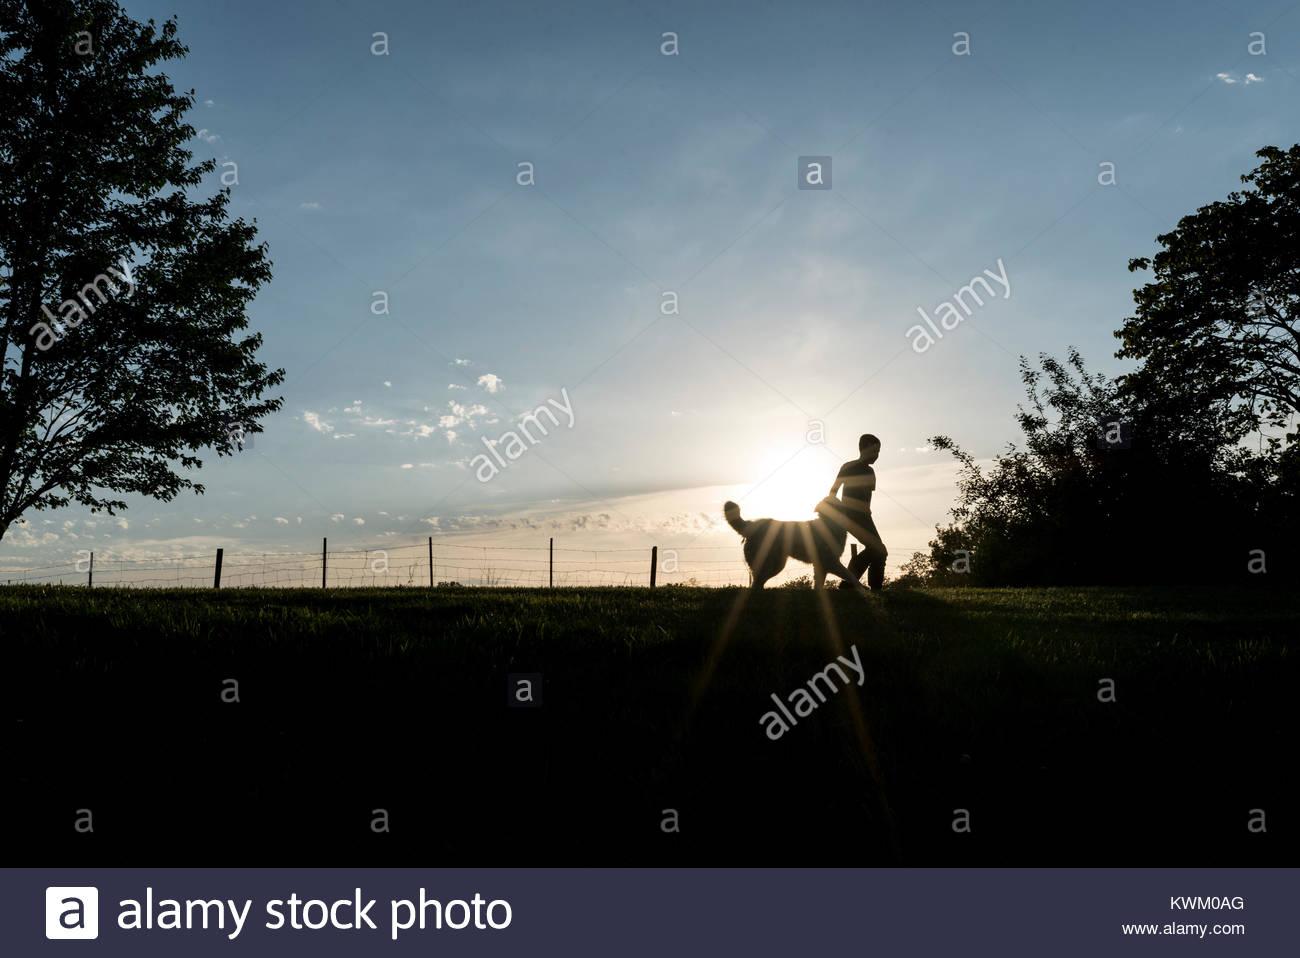 Silueta chico con perro en campo contra el cielo durante la puesta de sol Imagen De Stock